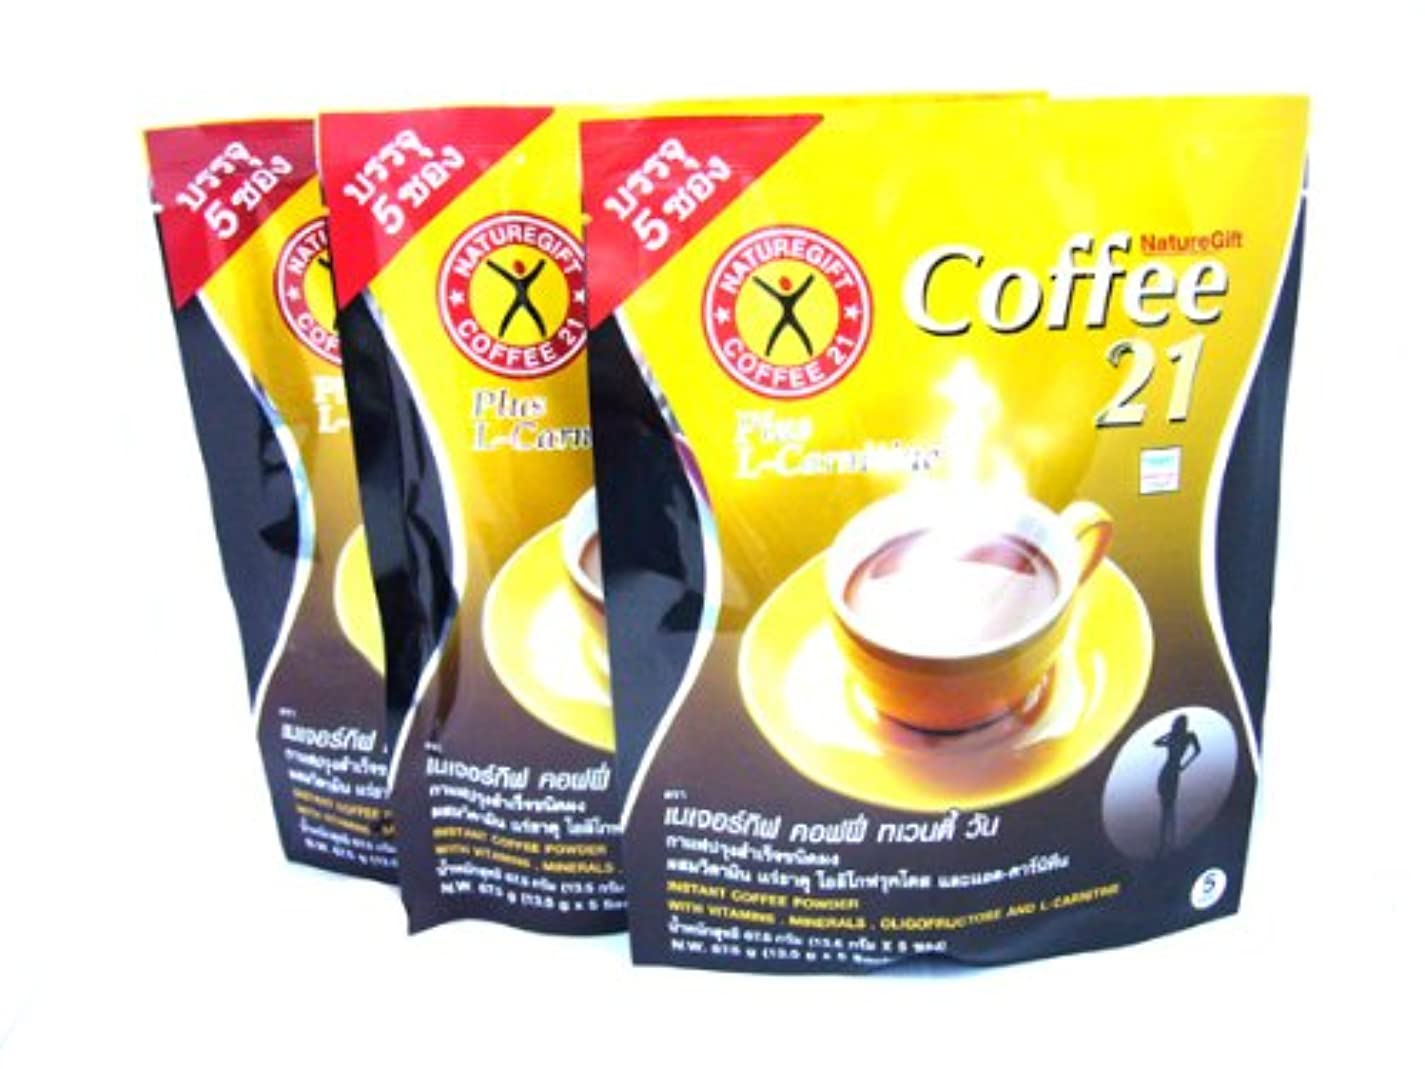 暴徒懲らしめさらに3x Naturegift Instant Coffee Mix 21 Plus L-carnitine Slimming Weight Loss Diet Made in Thailand by alanroger